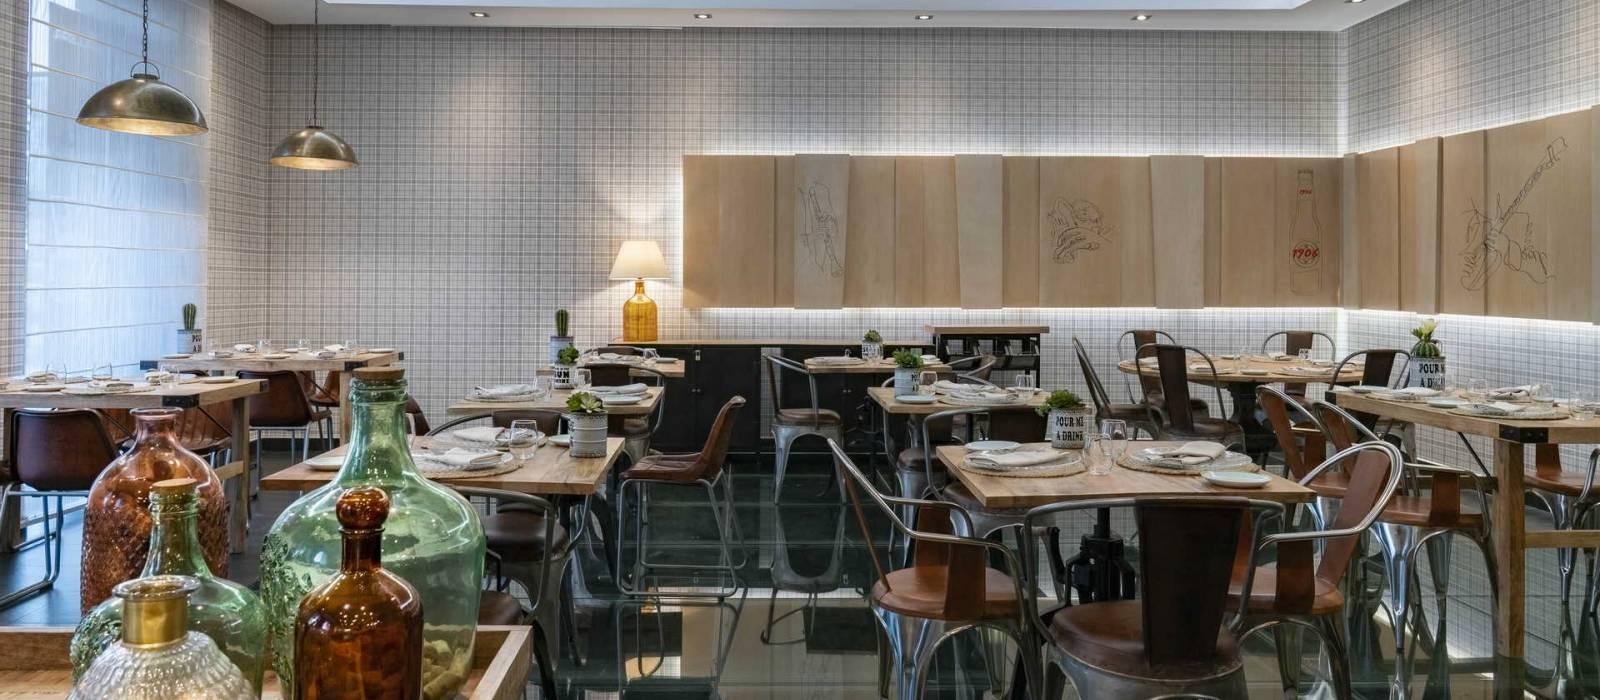 Servizi Hotel Vincci Posada del Patio Málaga - Ristorante Le Diner